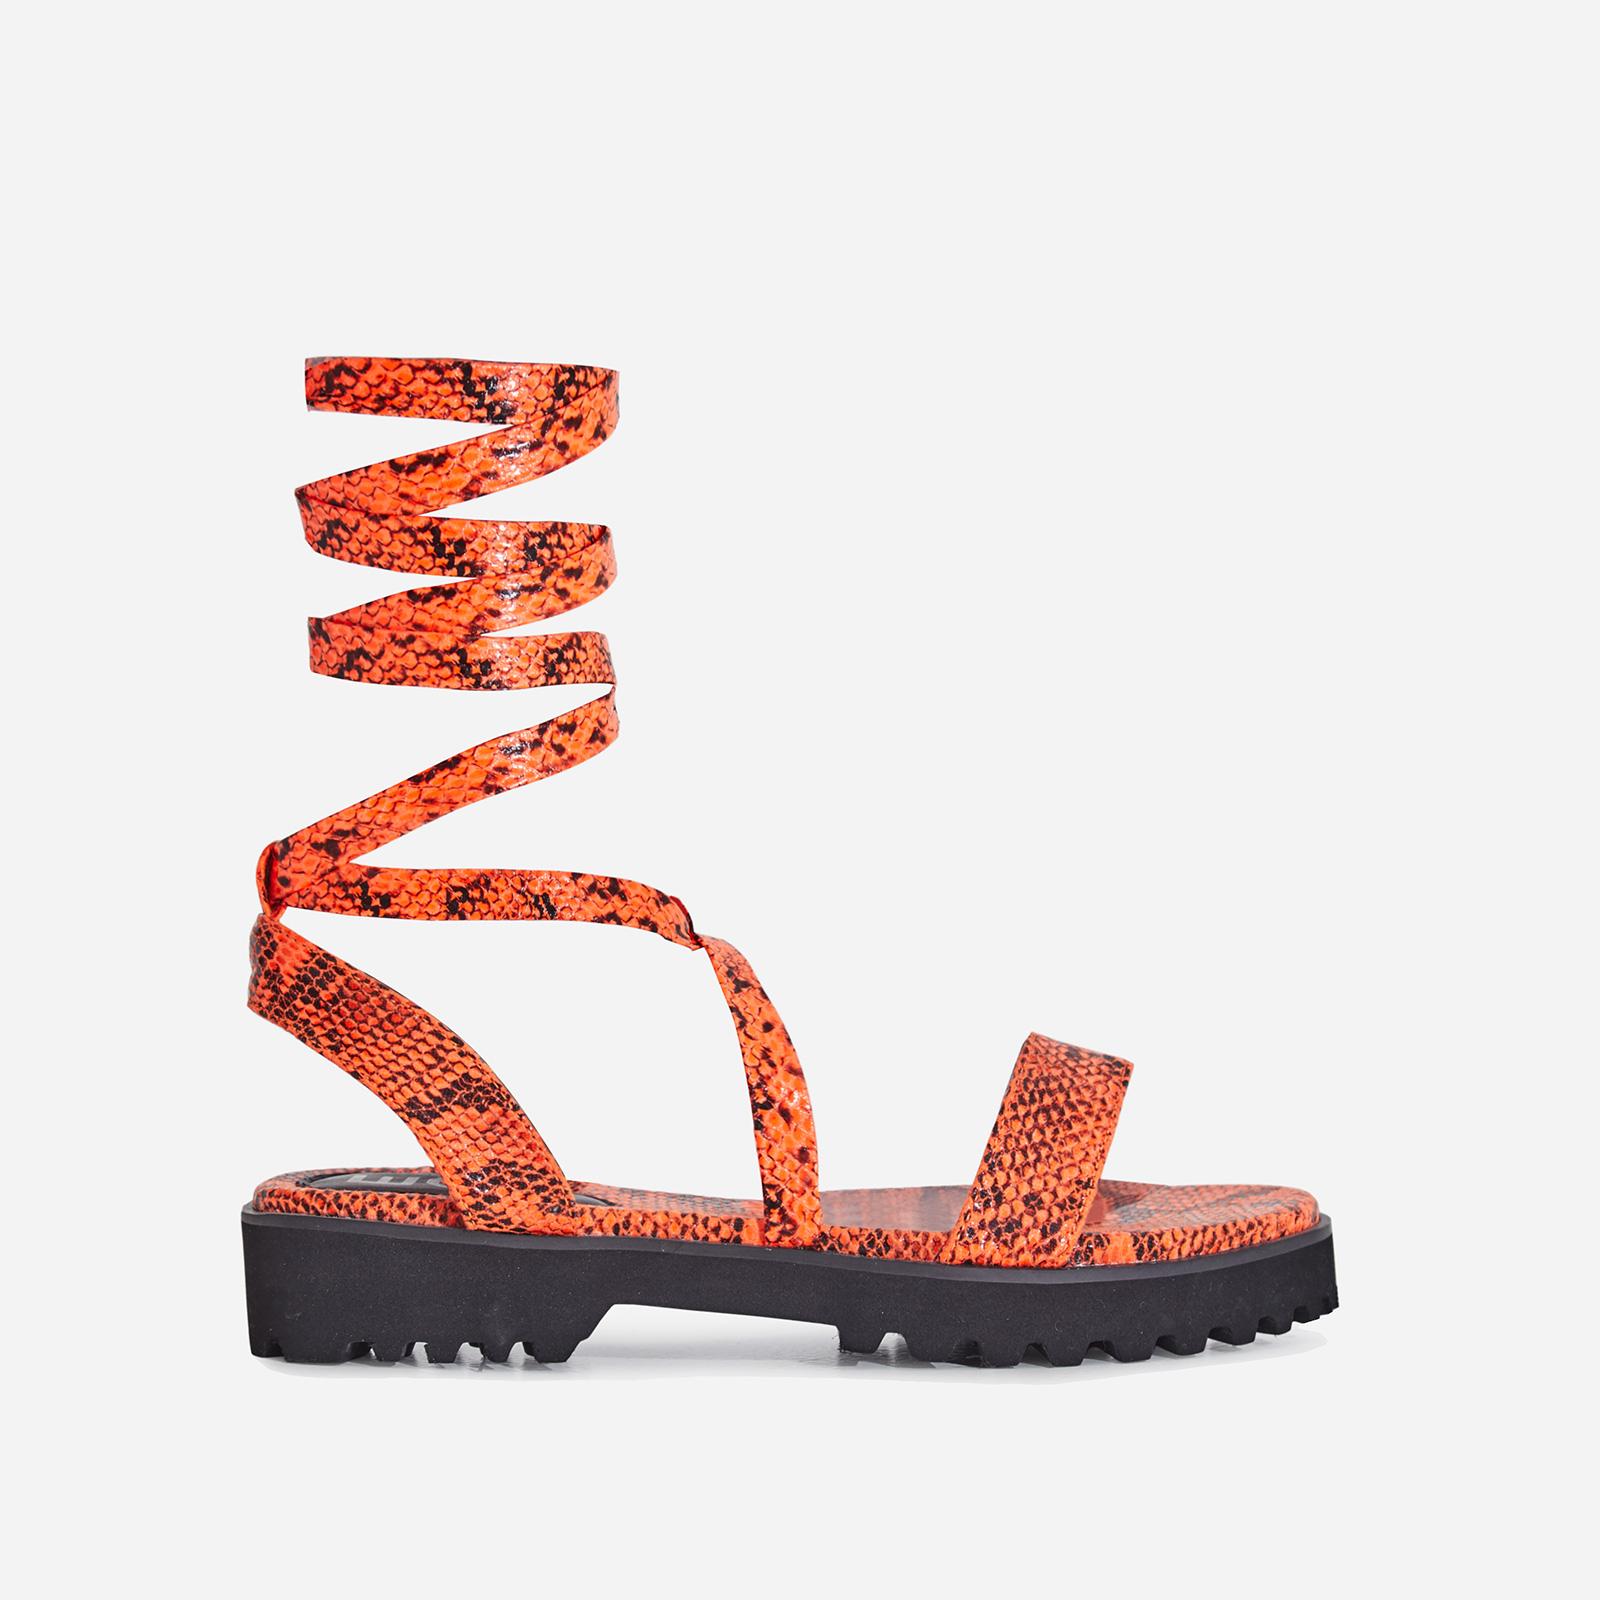 Larkin Lace Up Flat Sandal In Neon Orange Snake Print Faux Leather